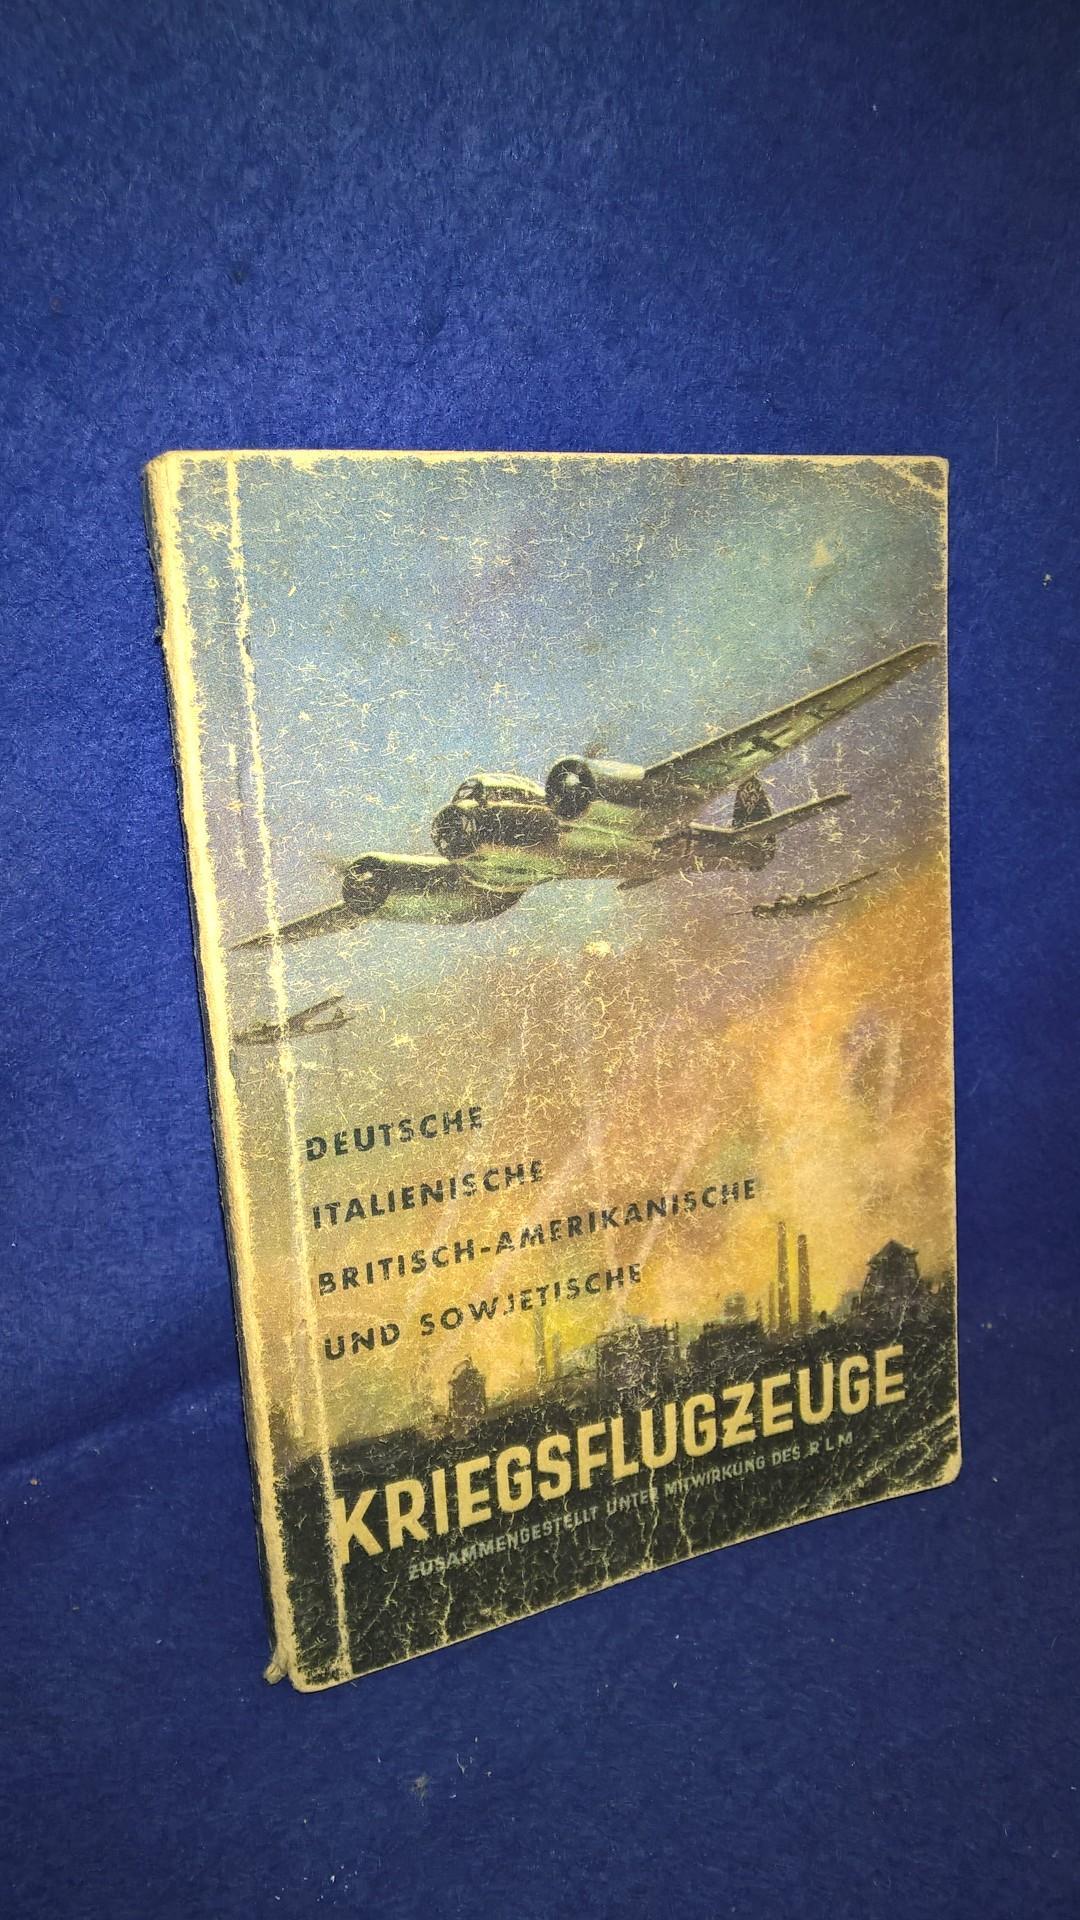 Deutsche, Italienische britisch-amerikanische und sowjetische Kriegsflugzeuge. Ansprache, Erkennen, Bewaffnung usw. Ausgabe Sommer 1942.